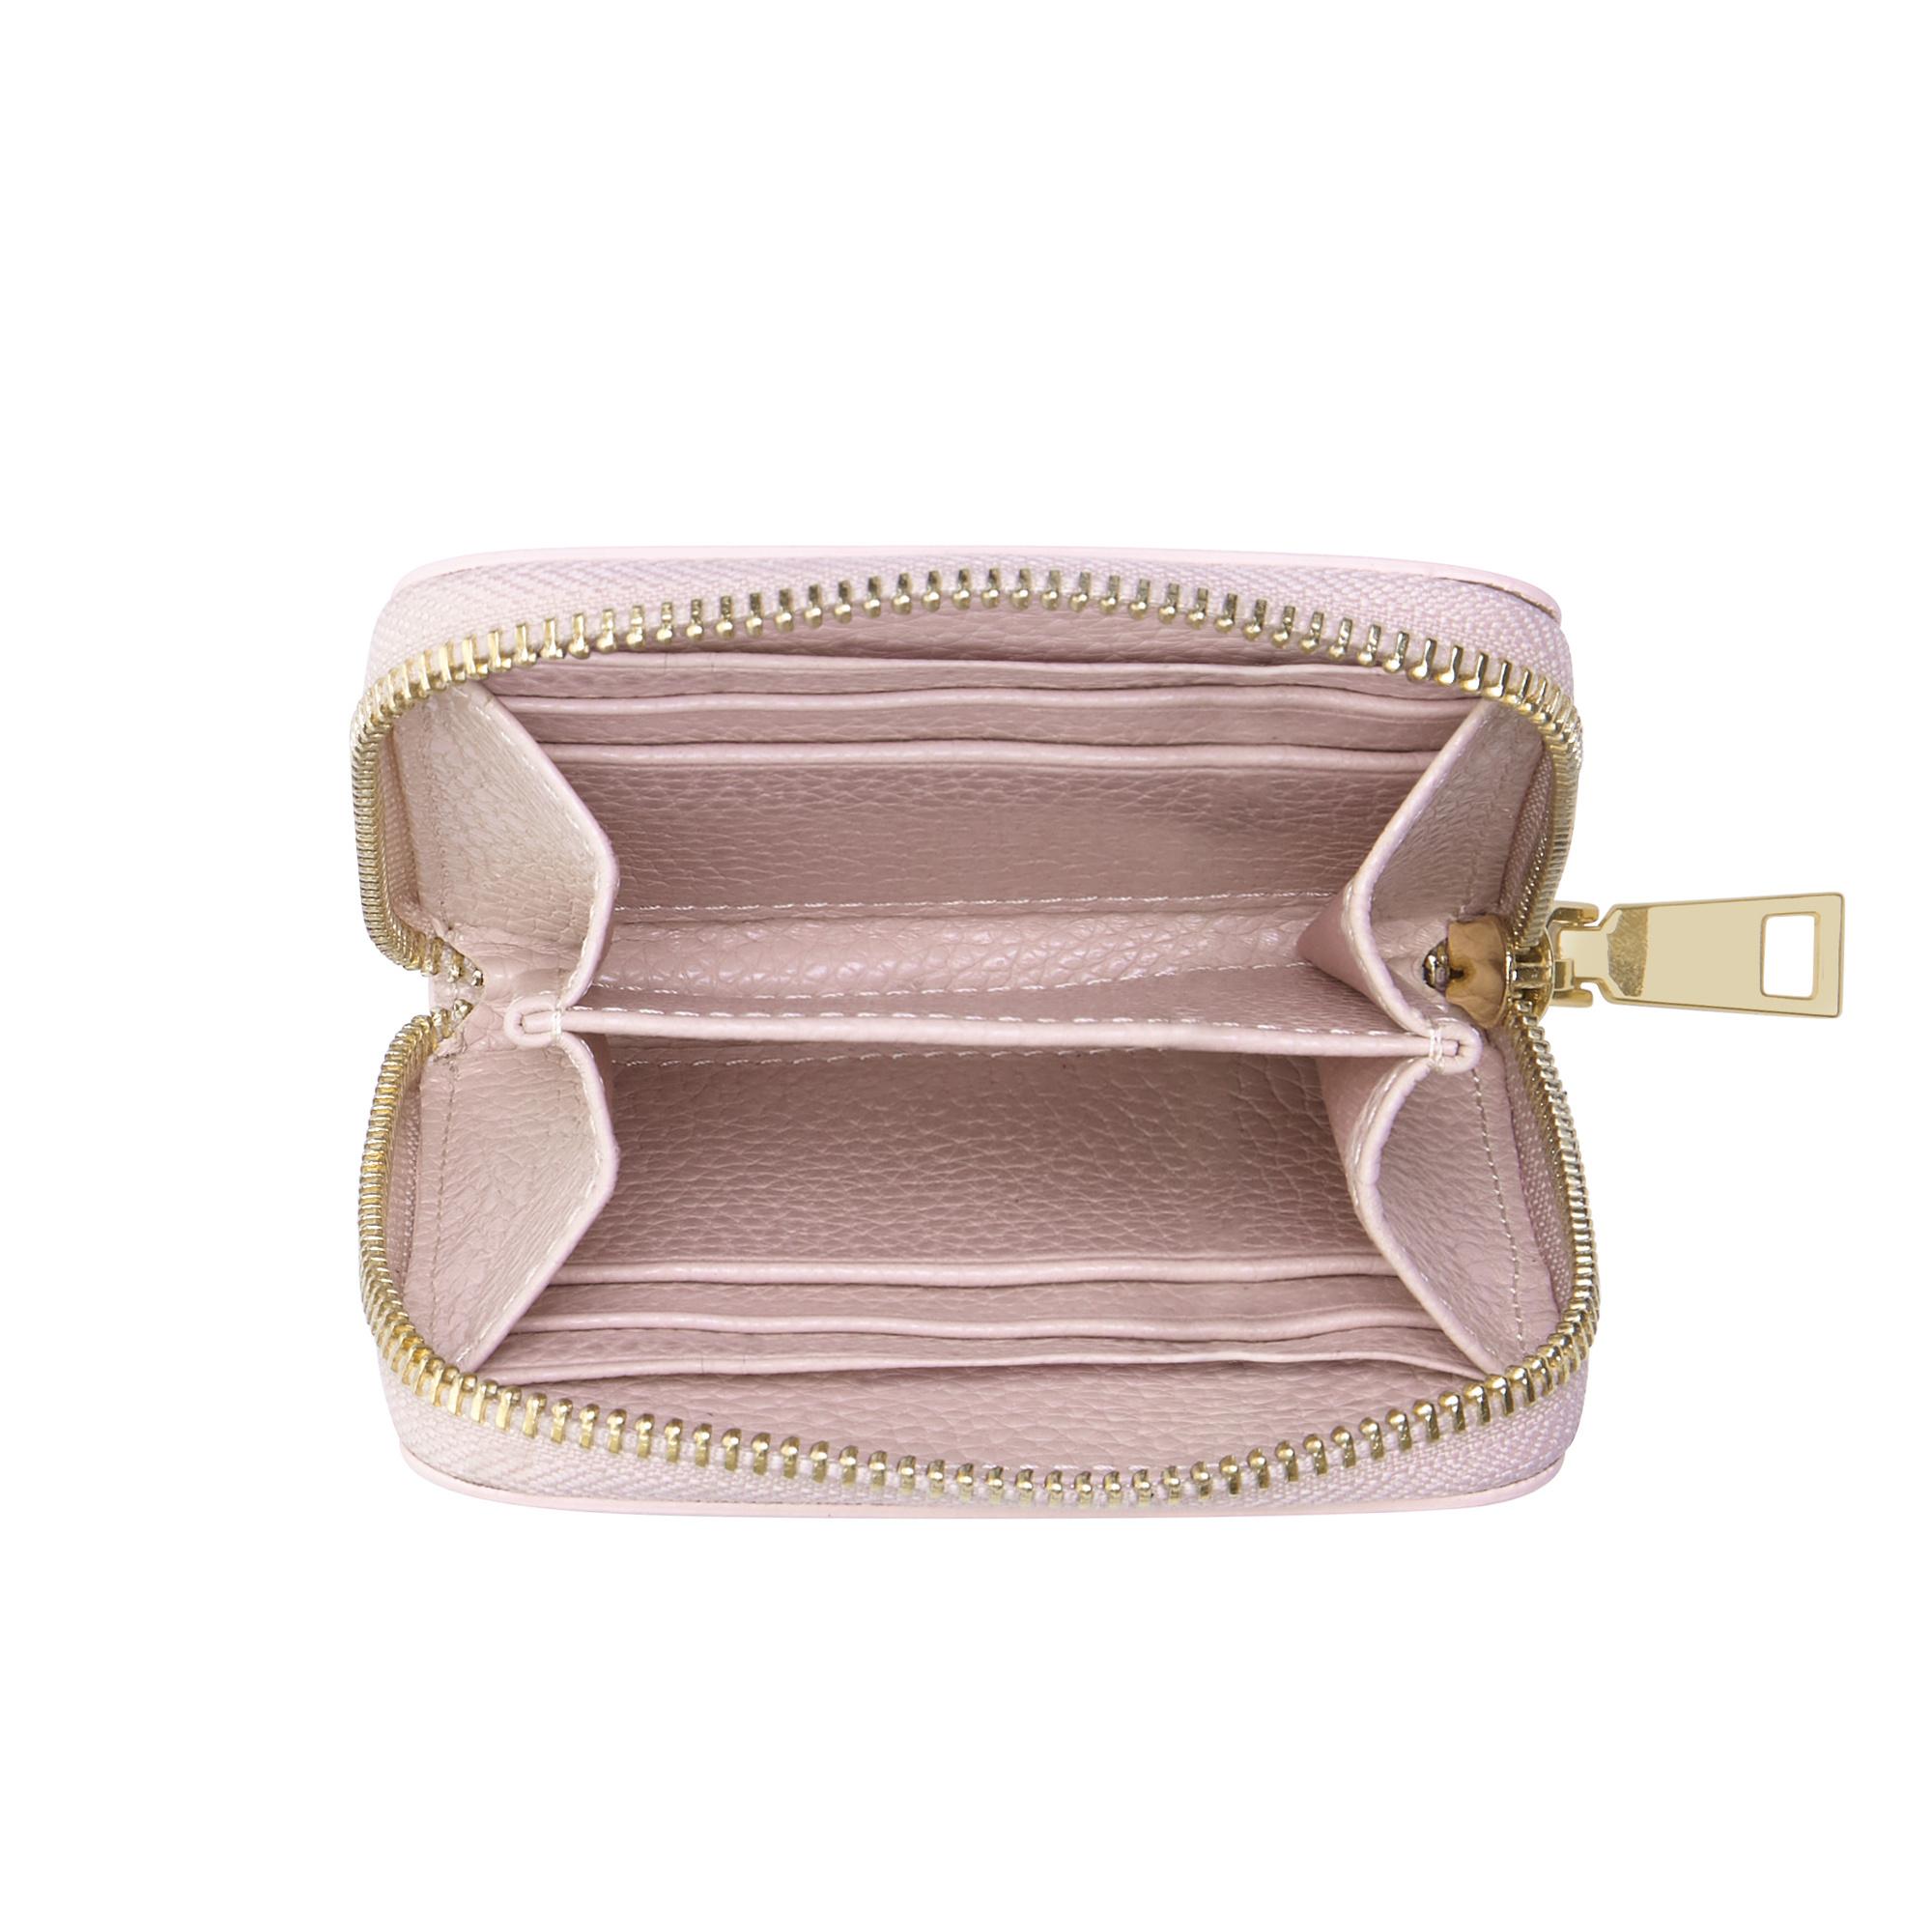 Isabel Bernard Honoré Jules portefeuille zippé en cuir de veau beige